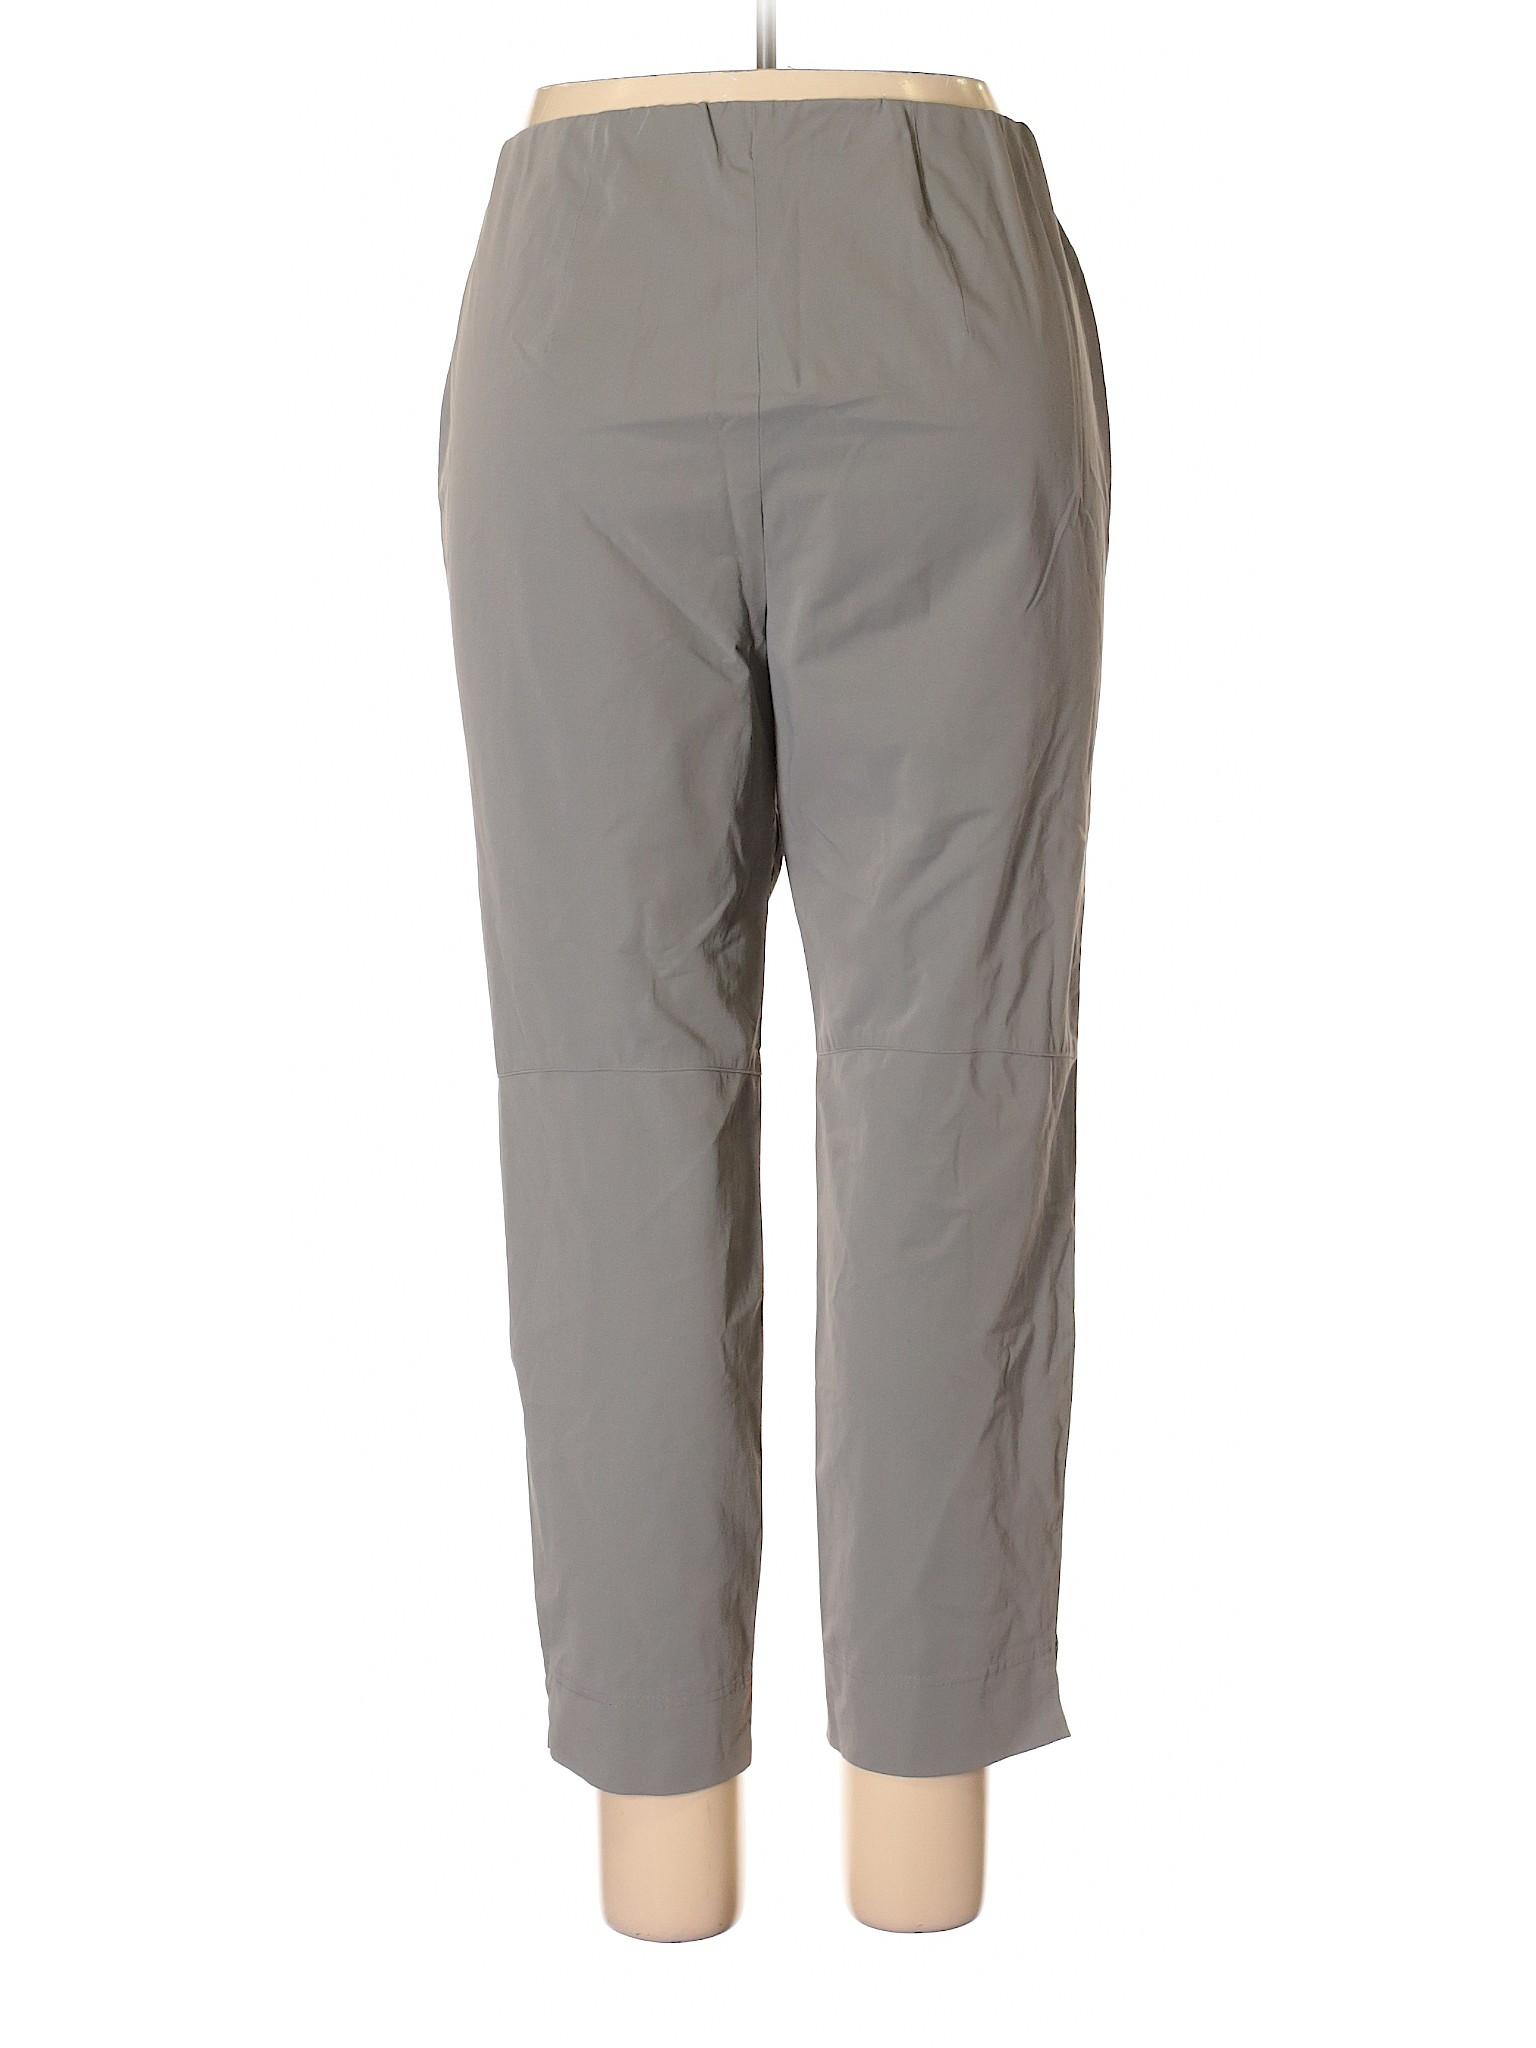 Casual Boutique Pants Basler winter Boutique winter winter Basler Pants Boutique Pants Casual Casual Basler Aq8CxrAw